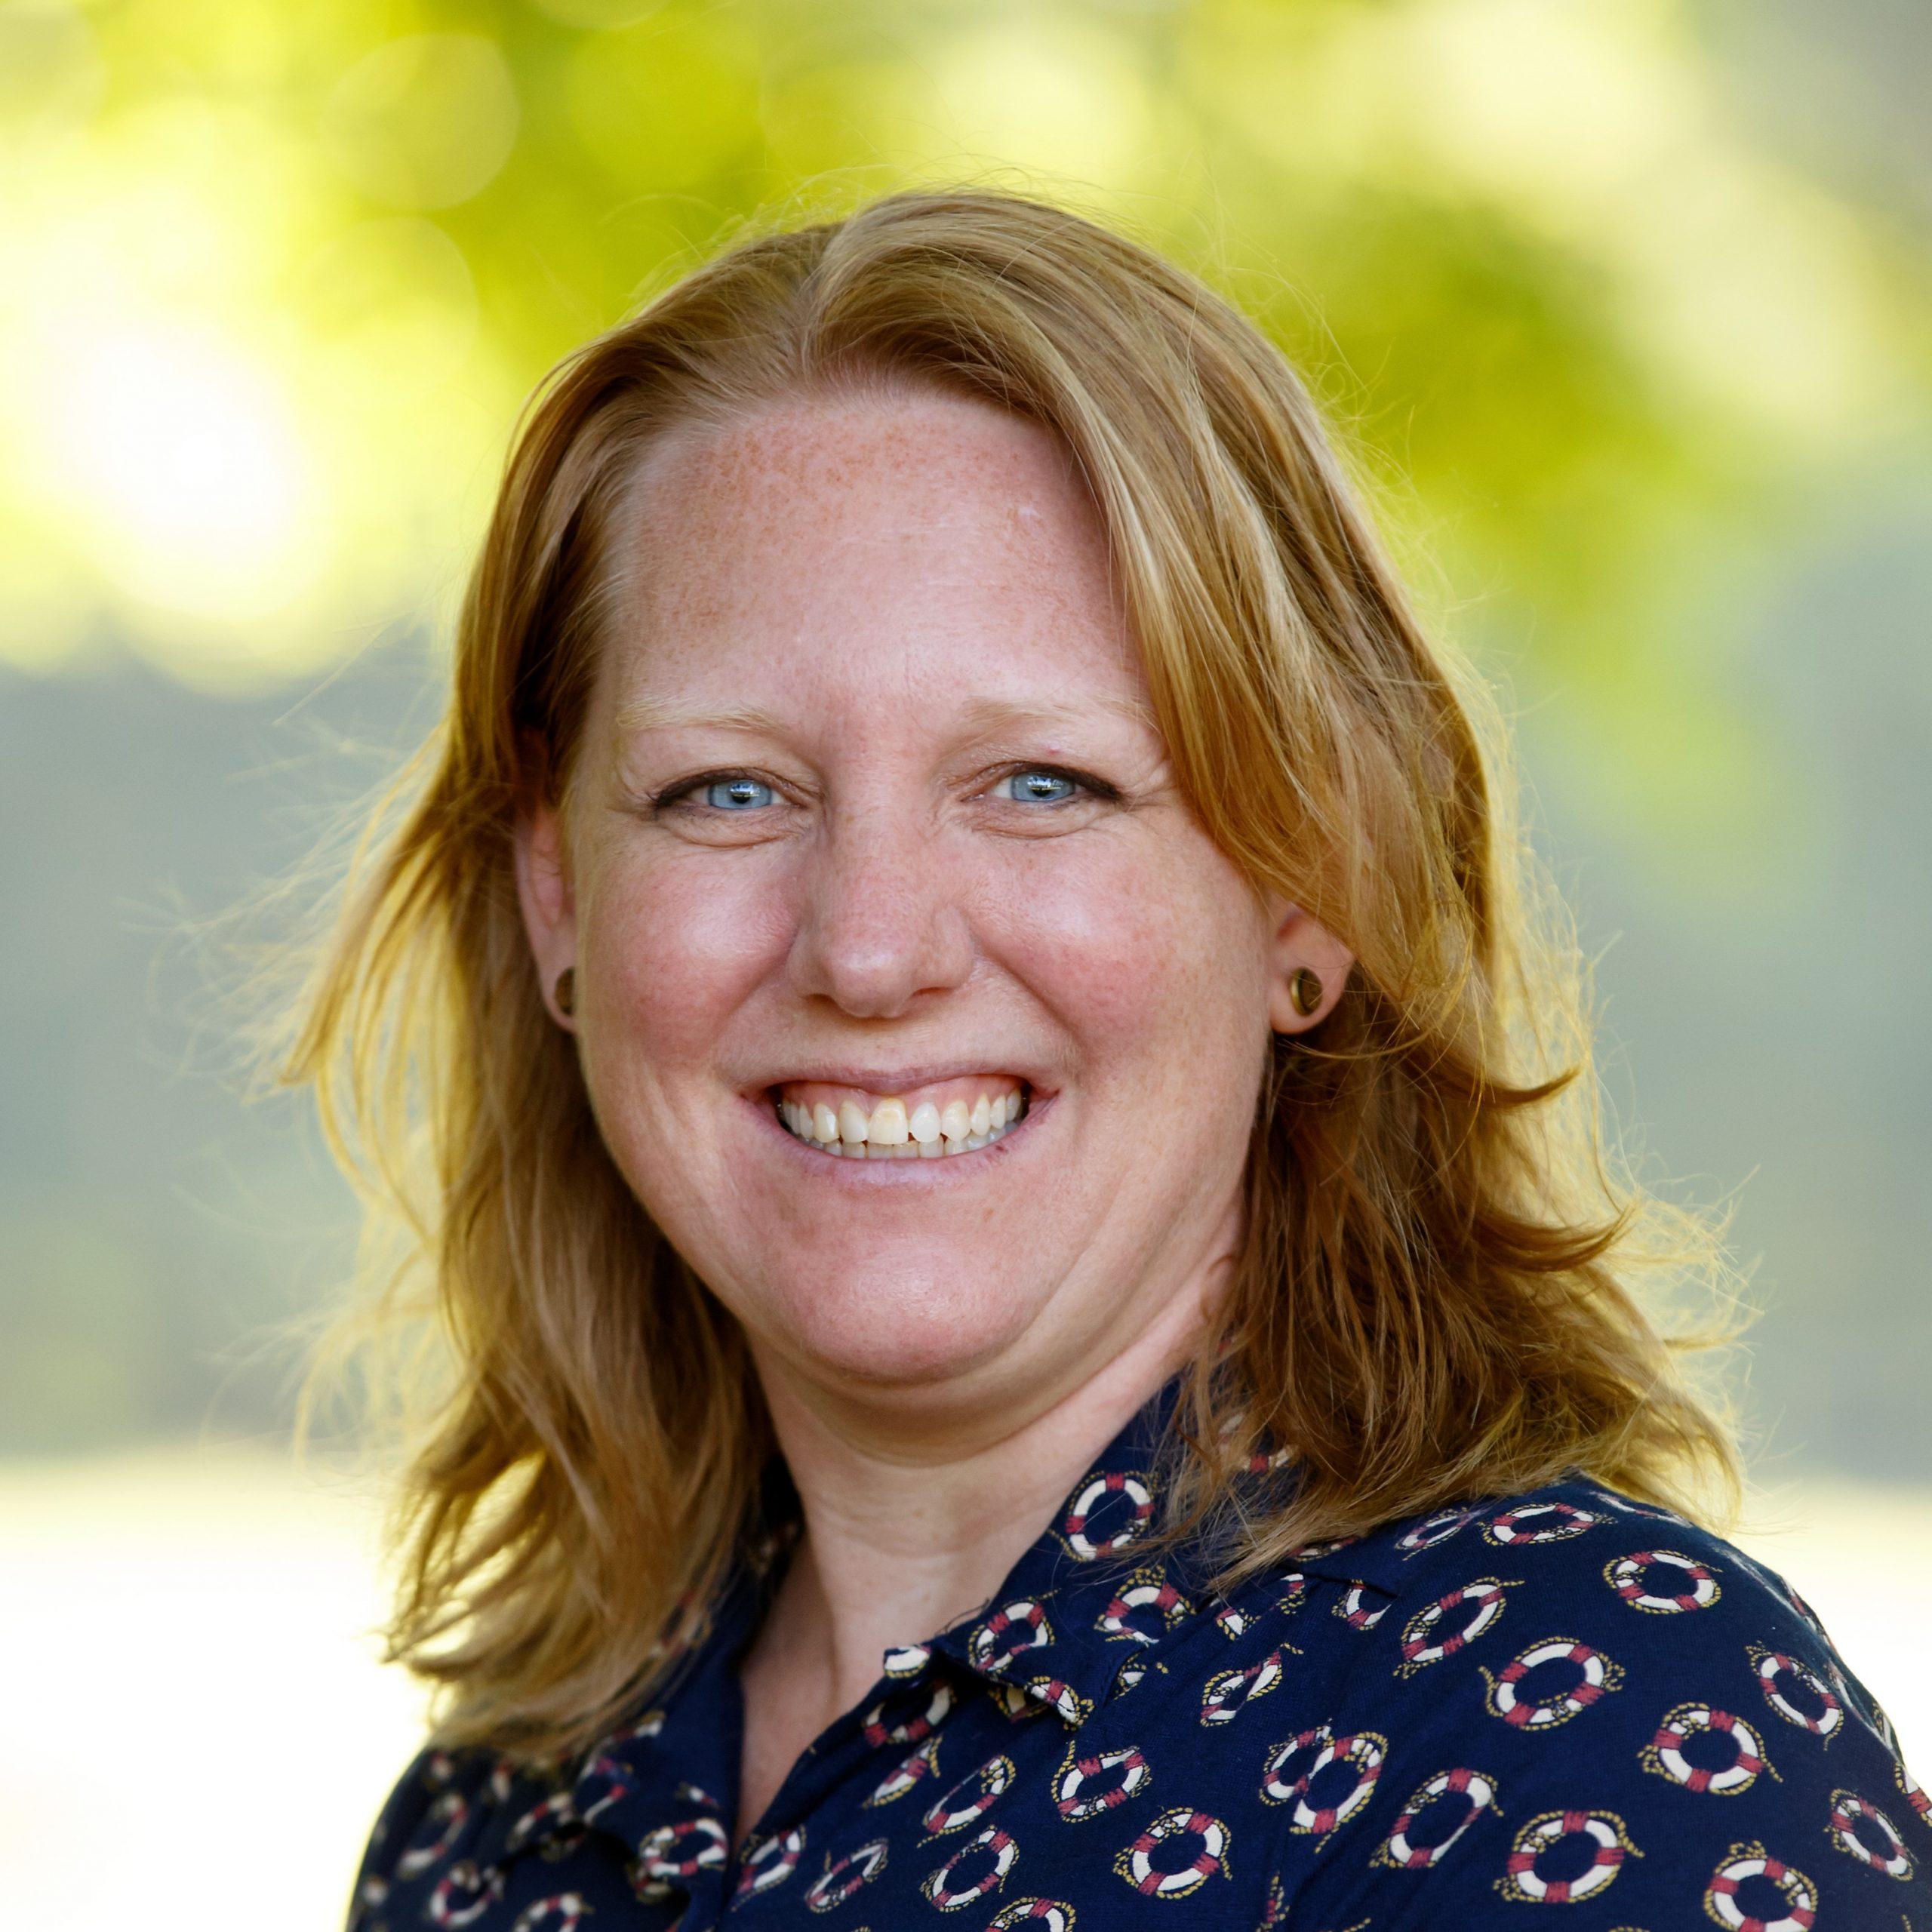 Lisette Mocking-Rensen